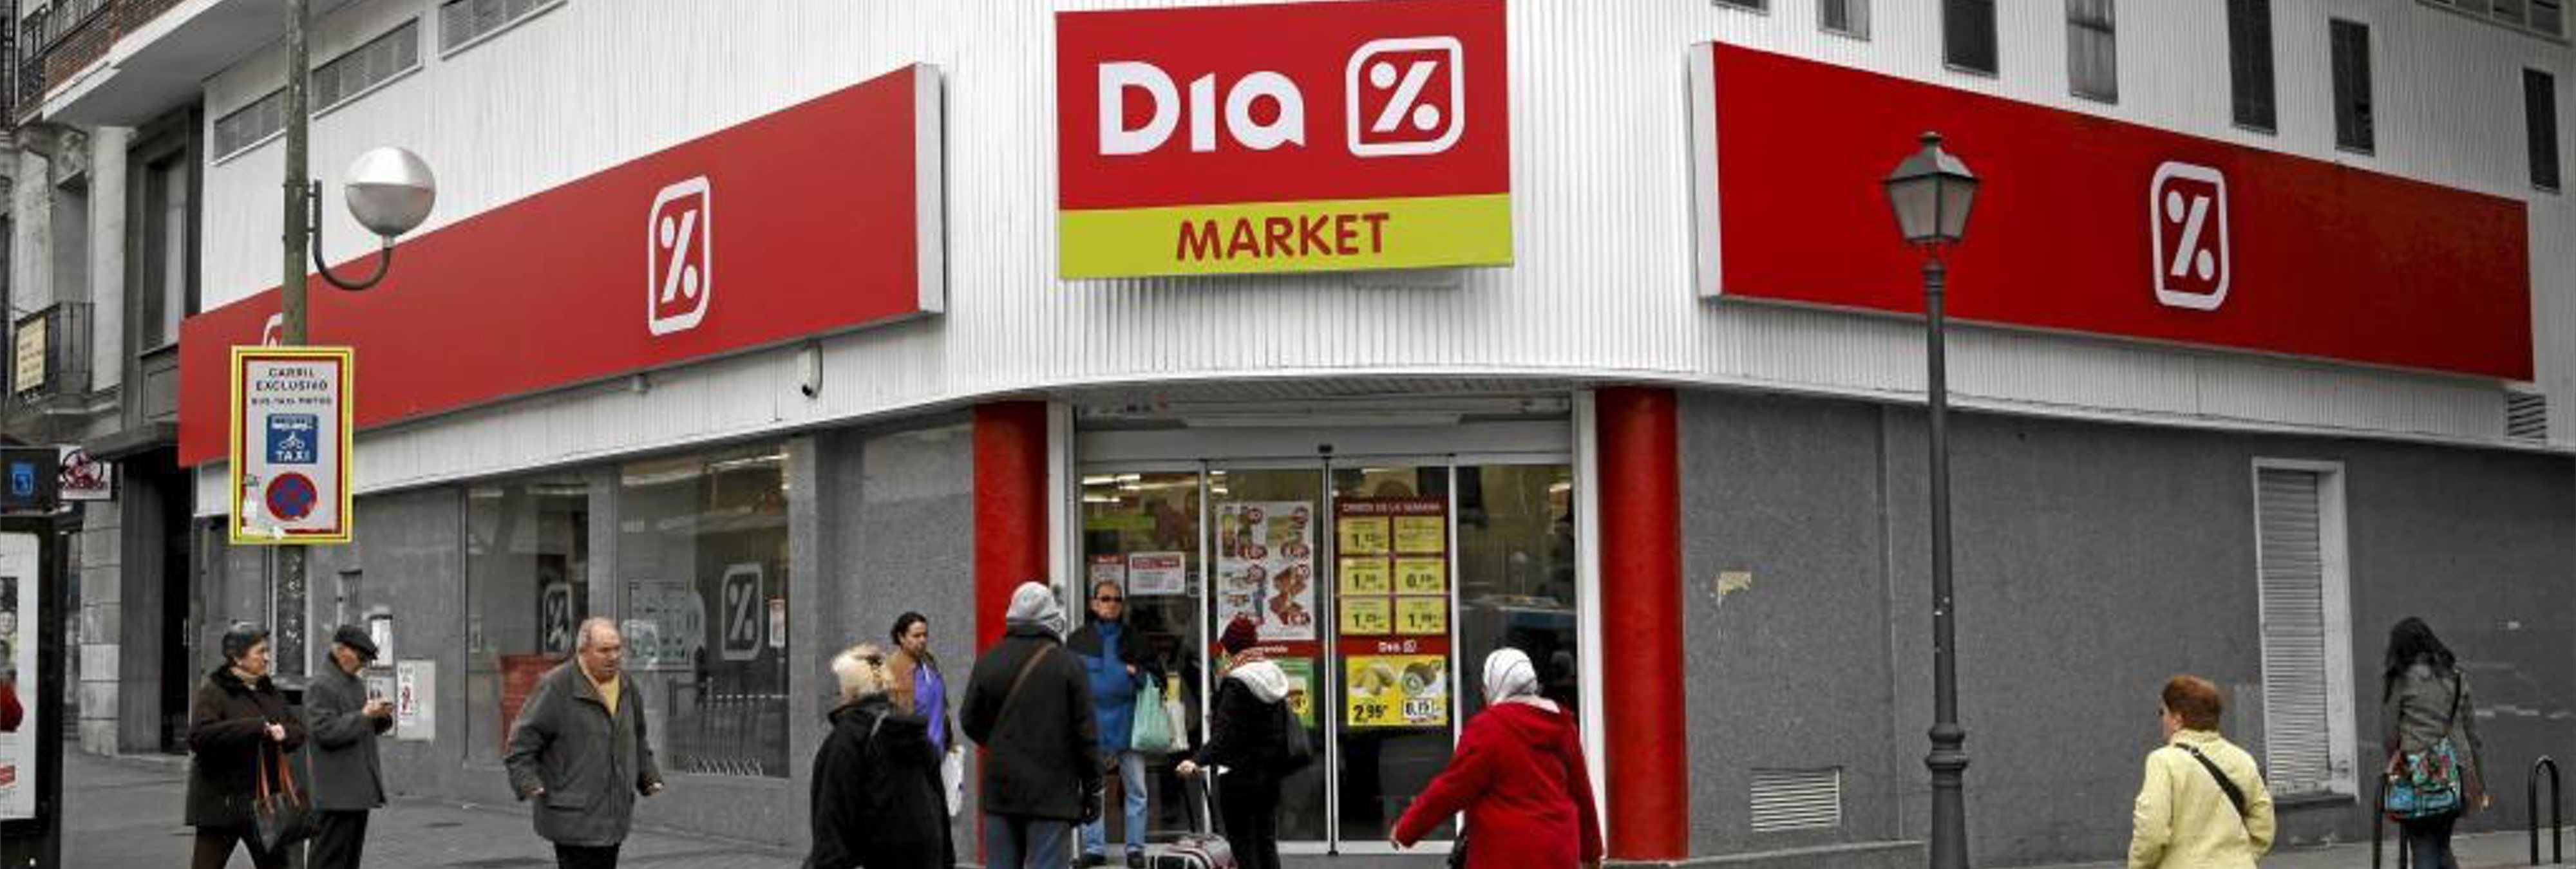 ¿Qué futuro real le queda a los supermercados DIA tras su expulsión del Ibex 35?